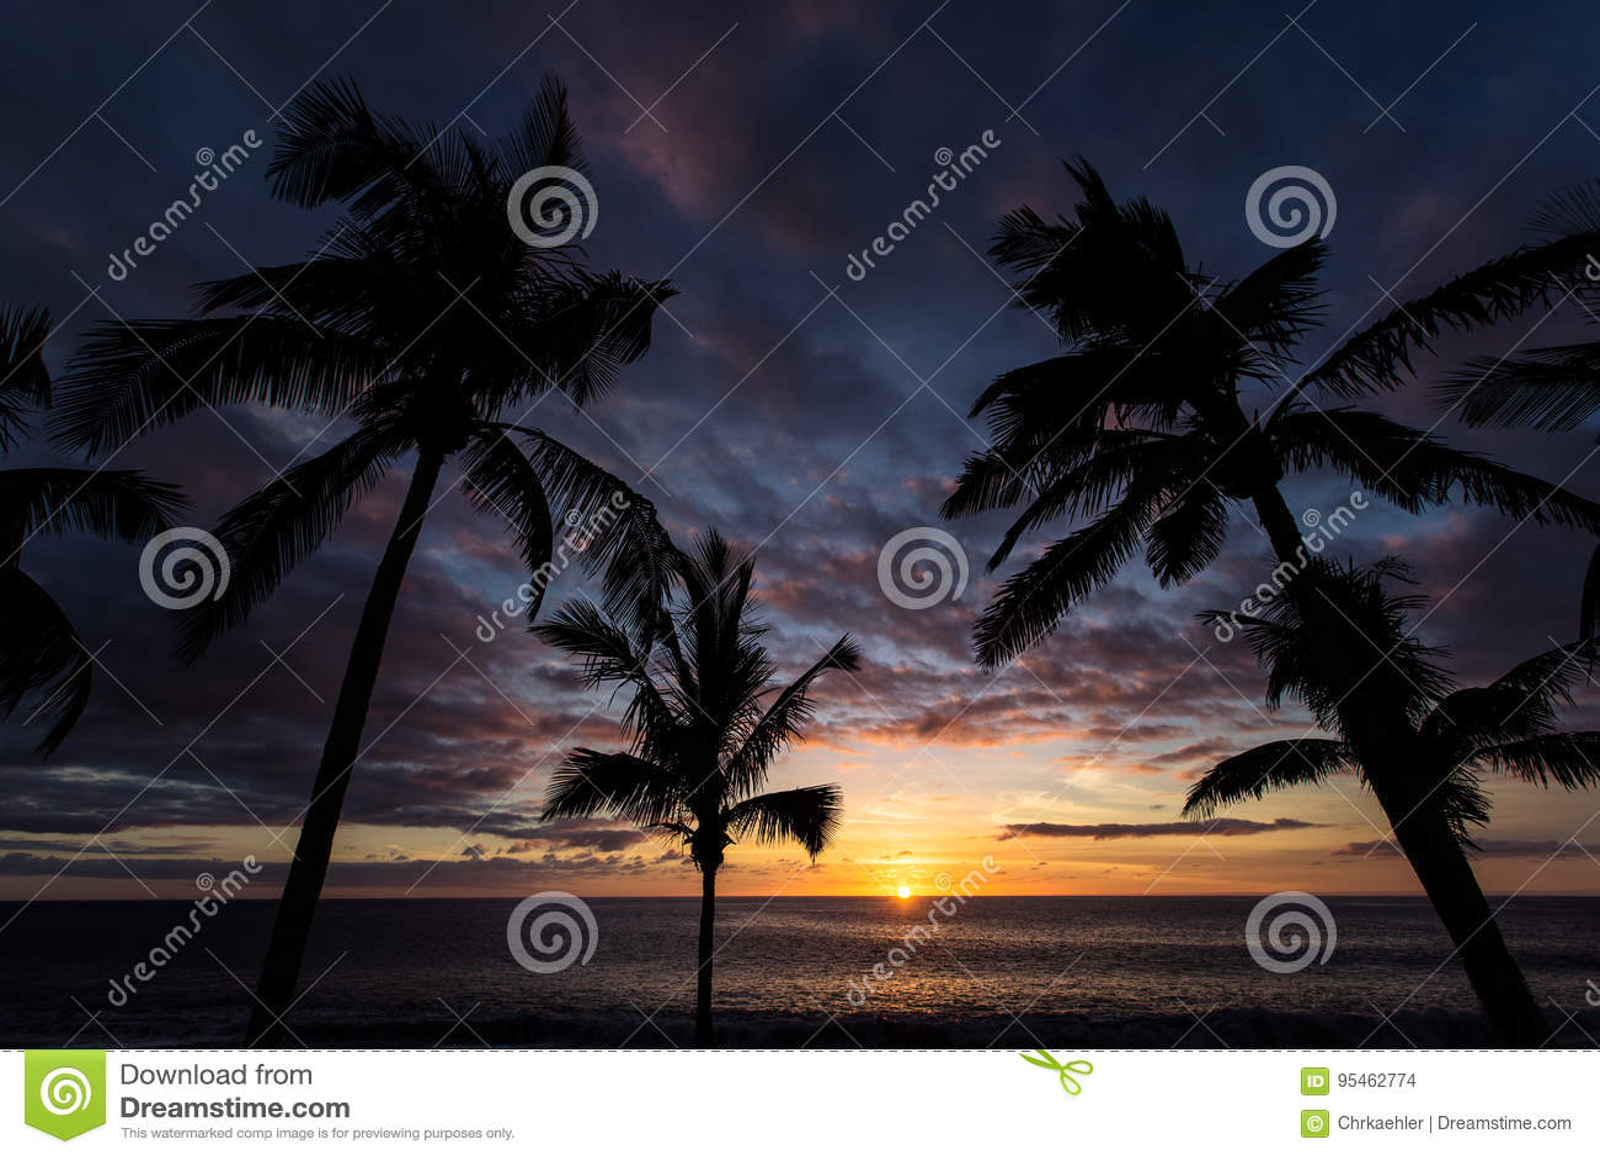 η έκθεση παραλιών αισθάνεται ότι δίνει τα αργά μαλακά κύματα ηλιοβασιλέματος πολύ